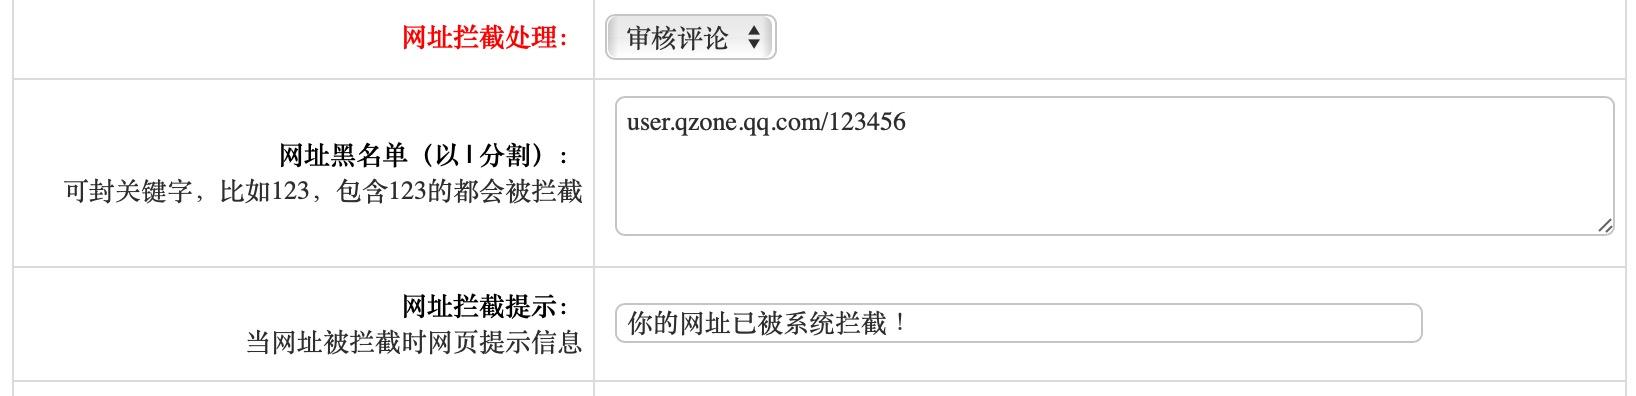 网址拦截设置